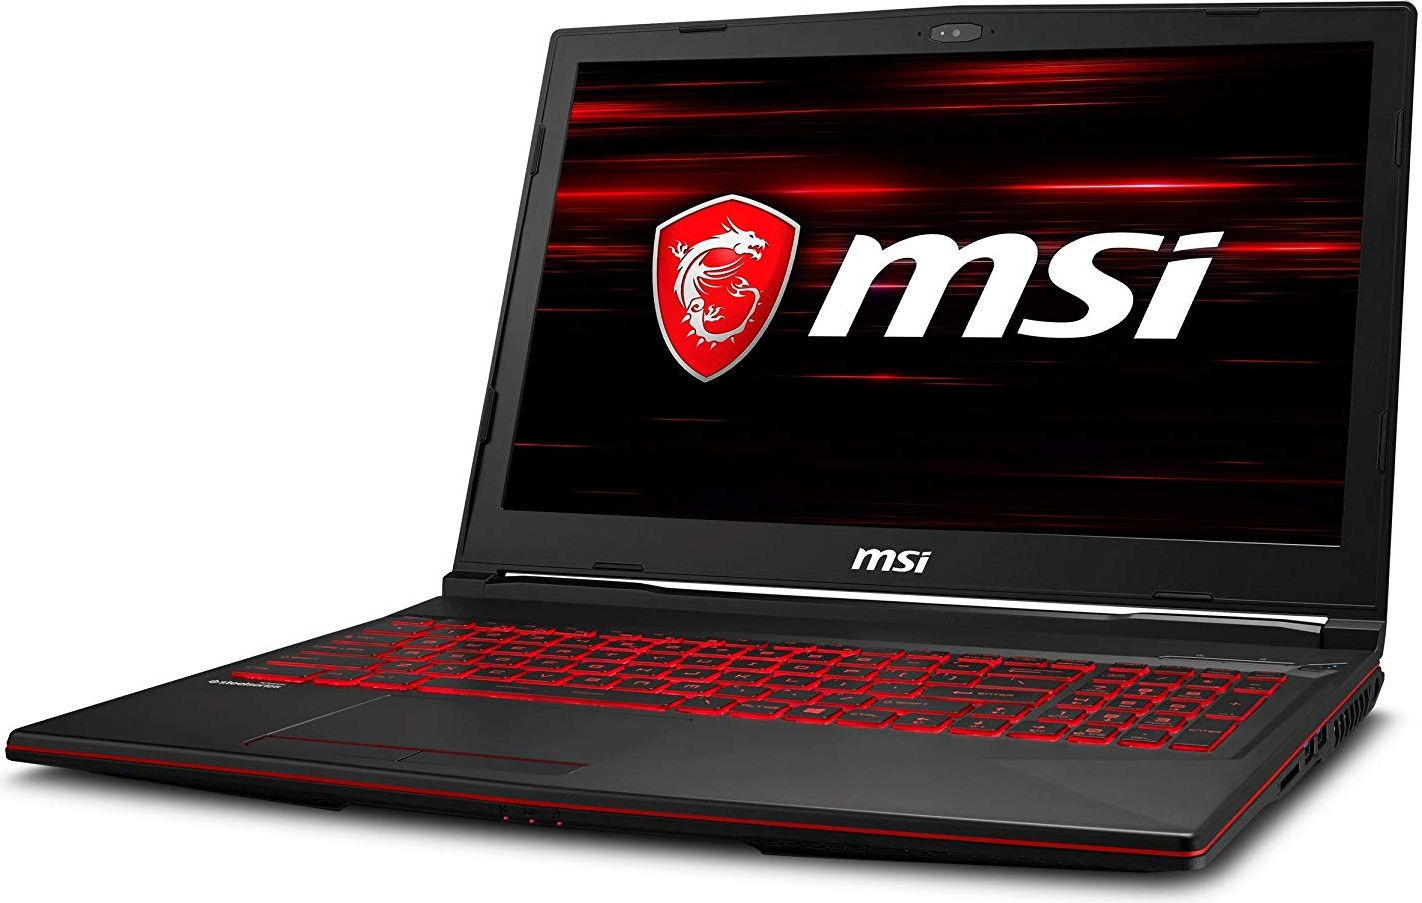 Игровой ноутбук MSI GL63 8SC 9S7-16P812-017, черный